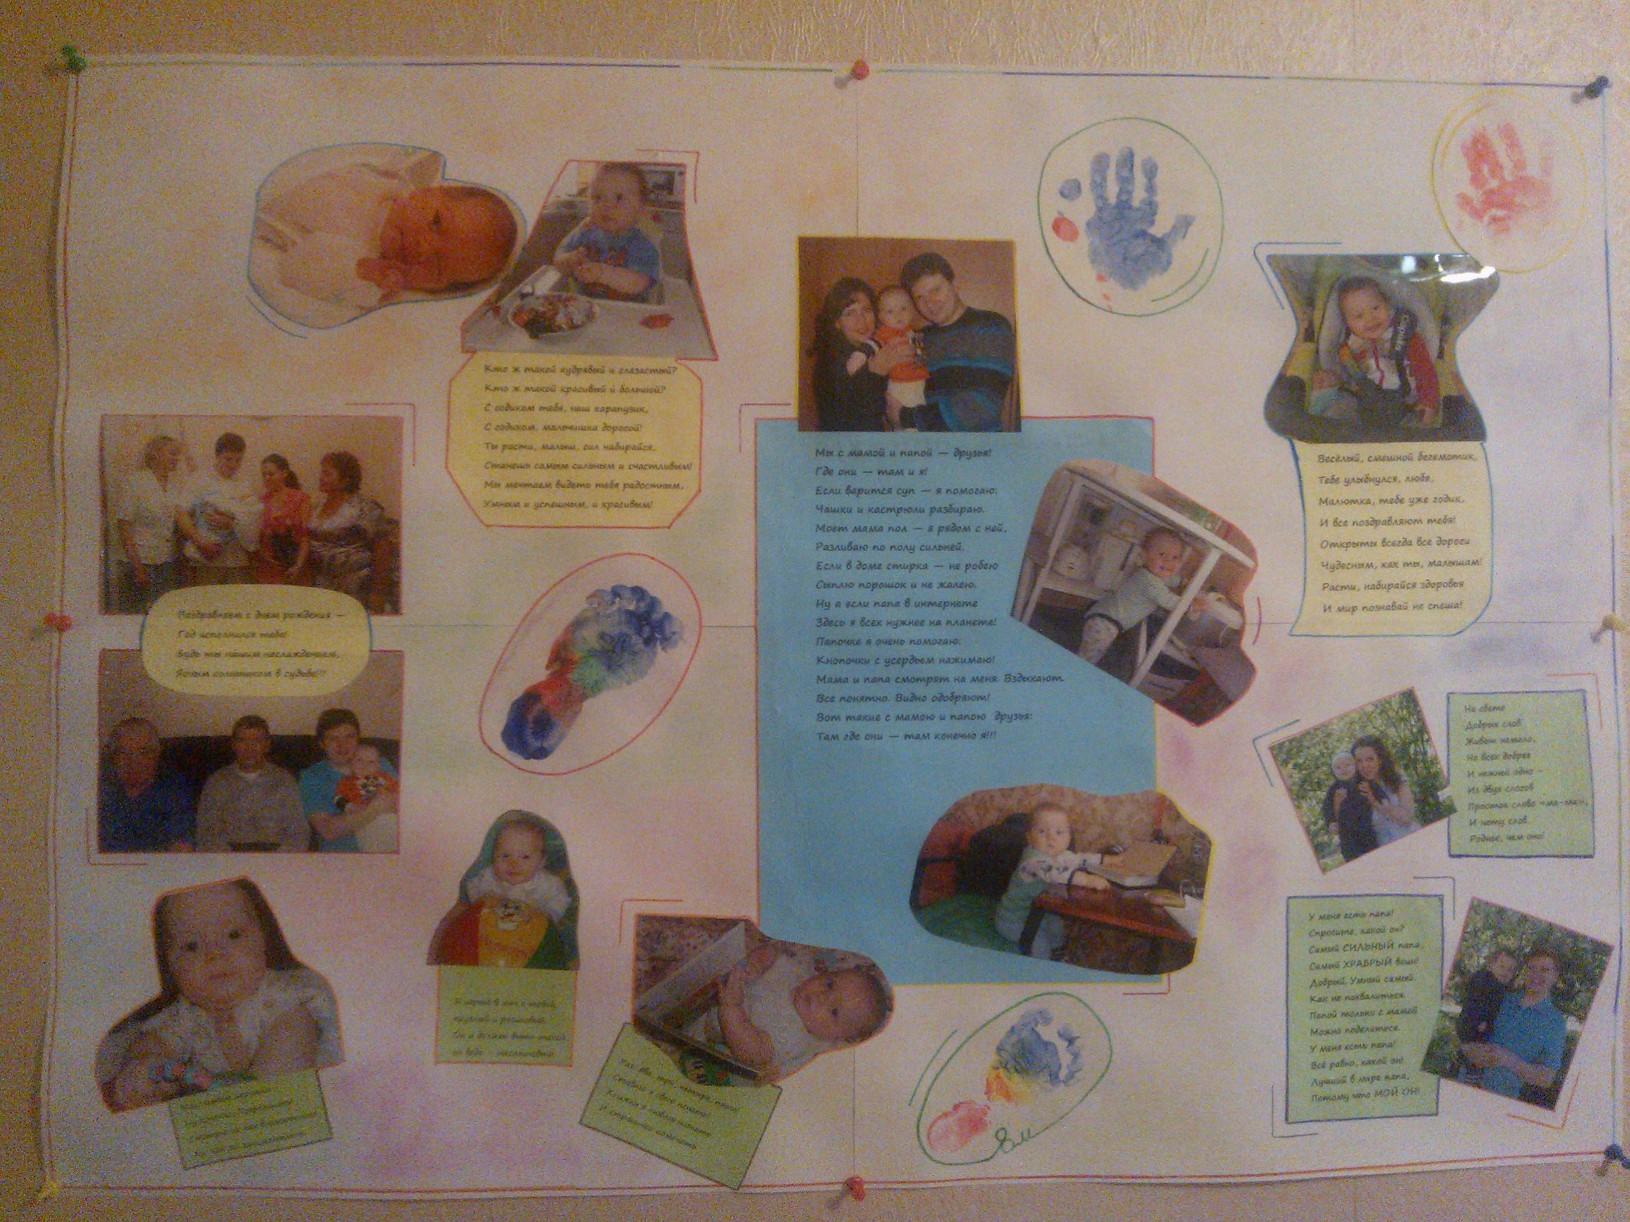 kak-ukrasit-pervy-j-den-rozhdeniya   www.u-children.ru